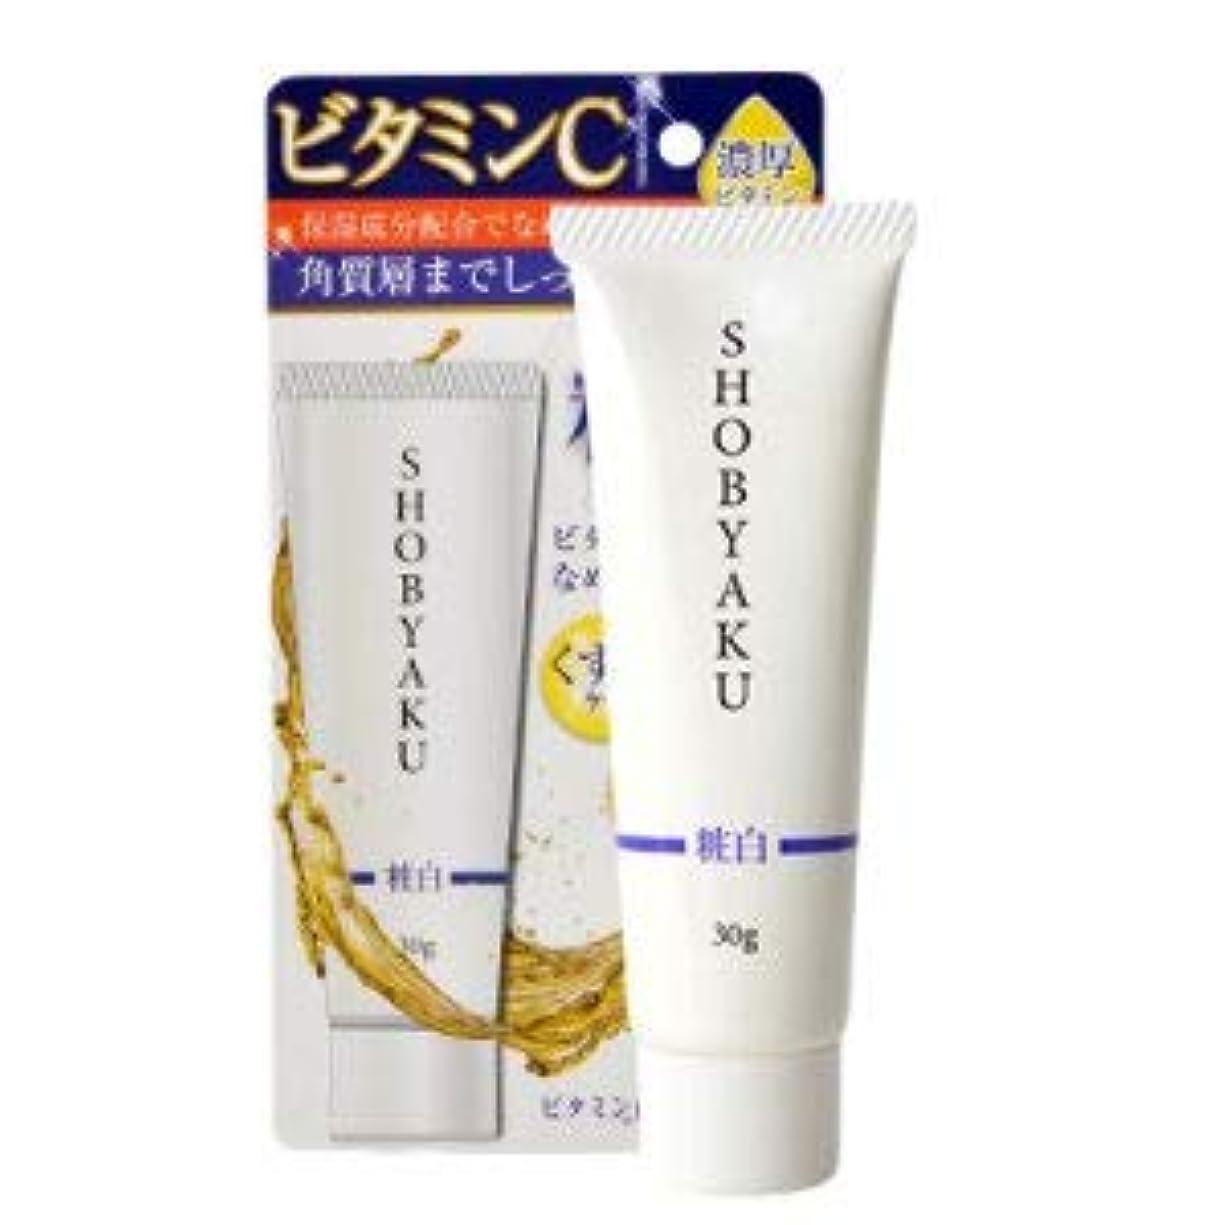 女王ハーフブラザービピット 粧白ビタミン配合クリーム W90×D24×H173mm